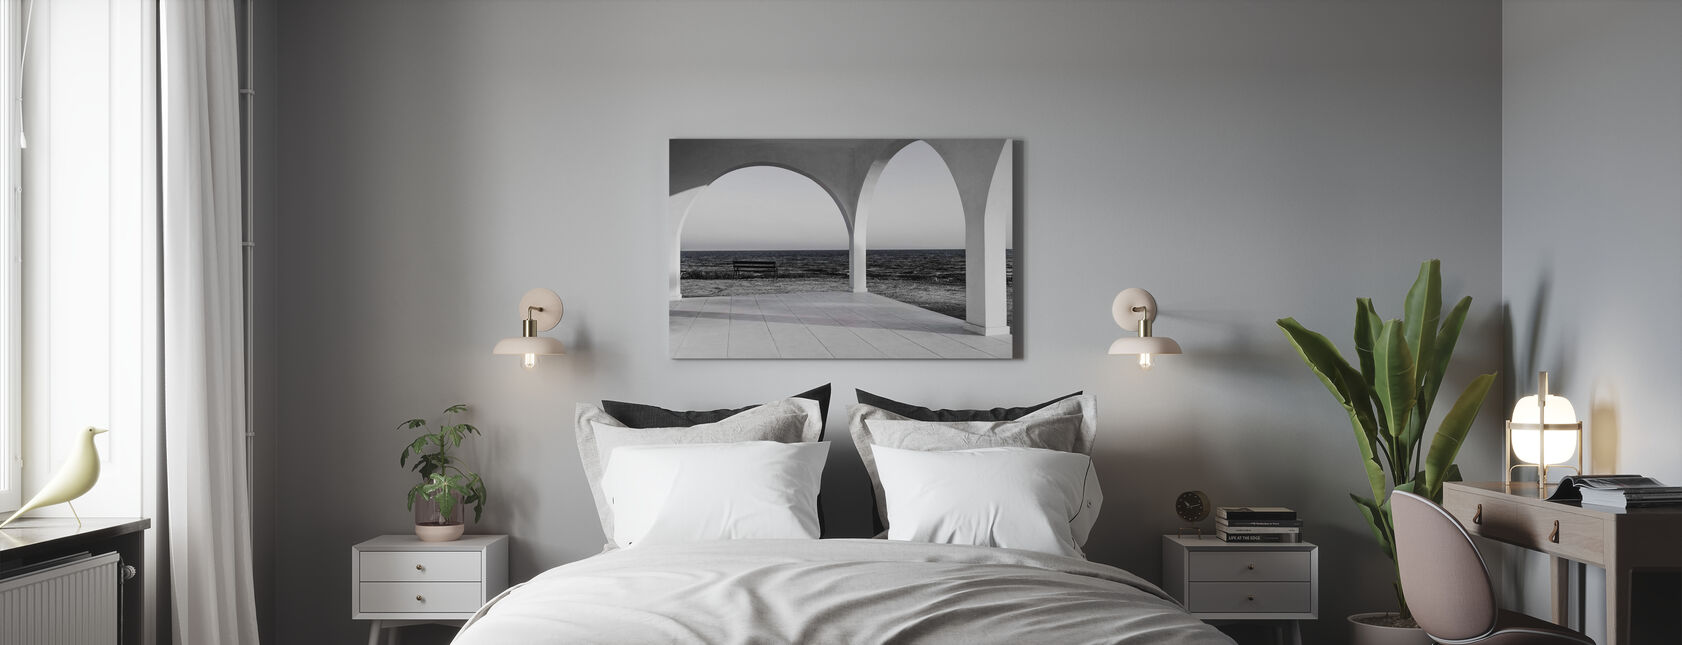 Mustavalkoinen - Canvastaulu - Makuuhuone